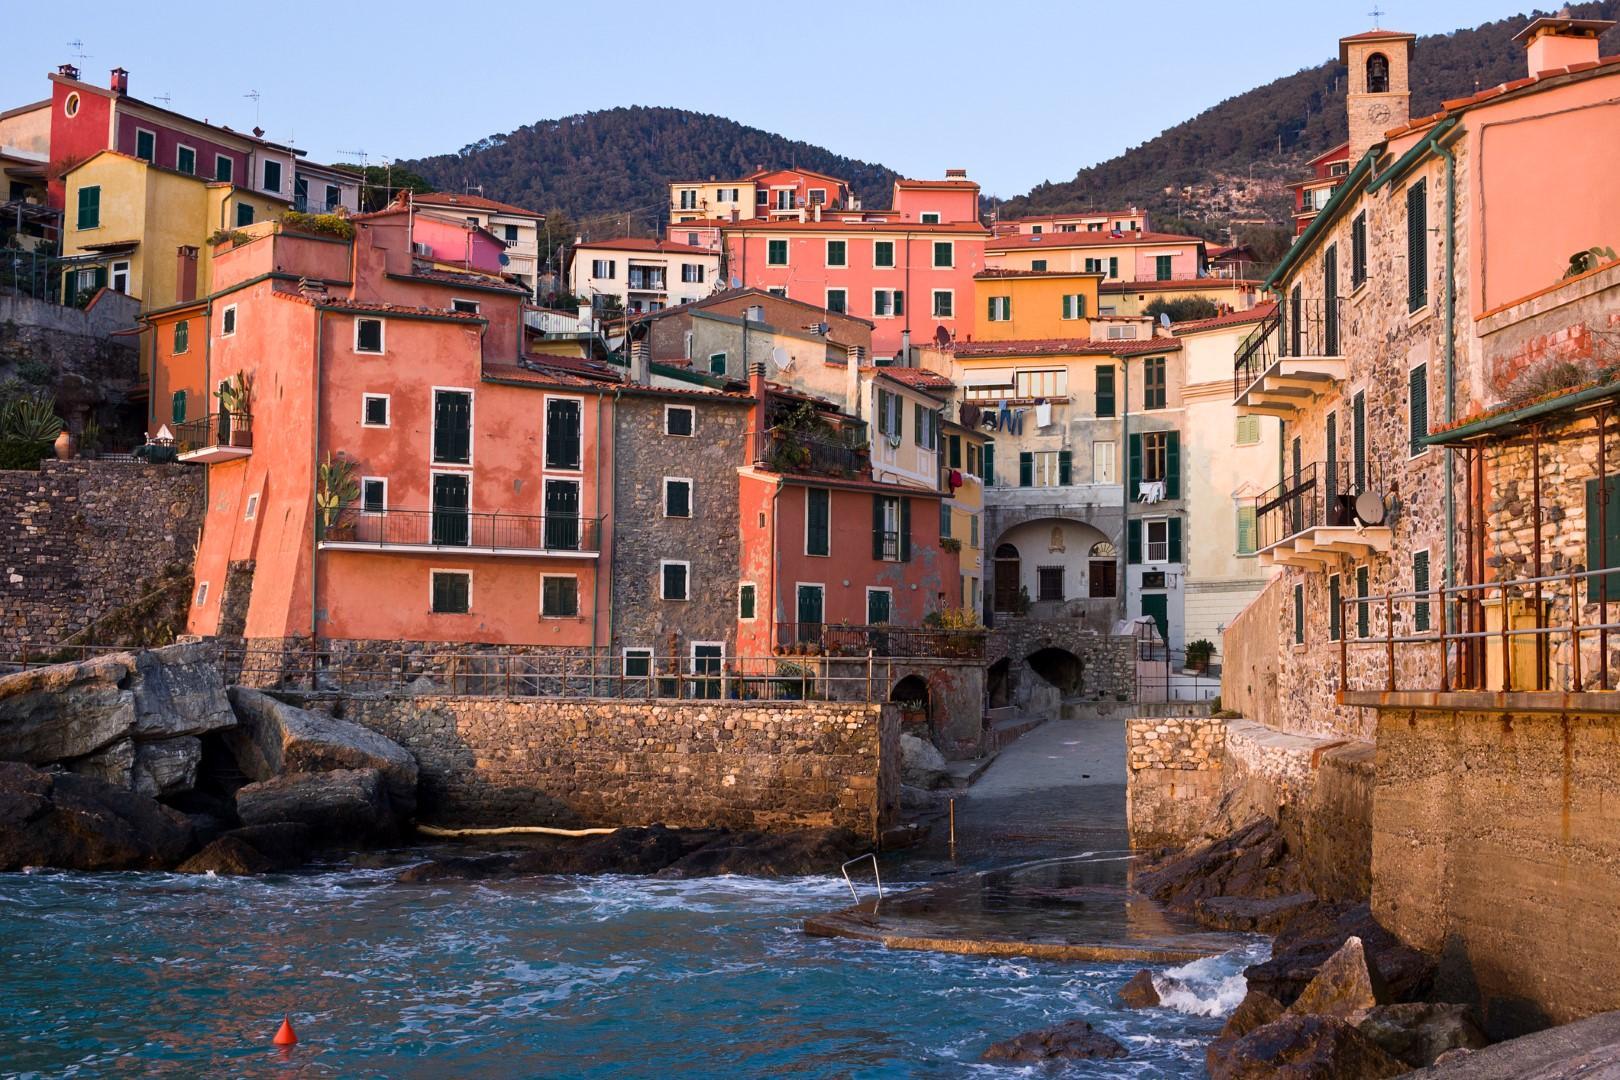 Carlo Petrini In difesa dei borghi d'Italia